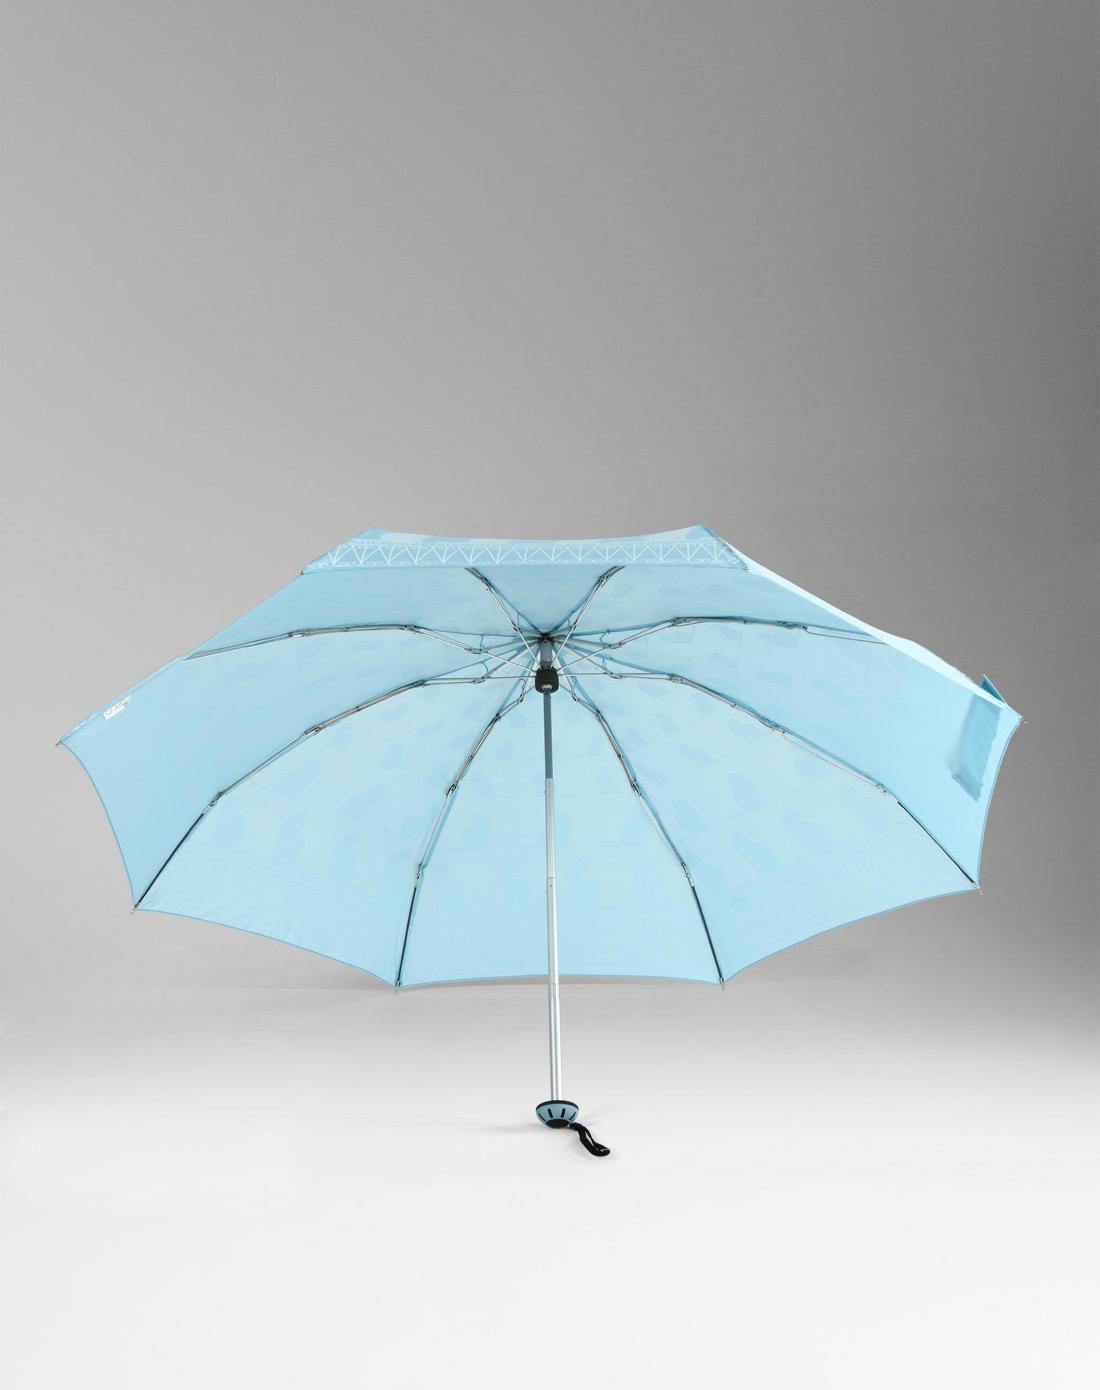 伞 雨伞 1100_1390 竖版 竖屏